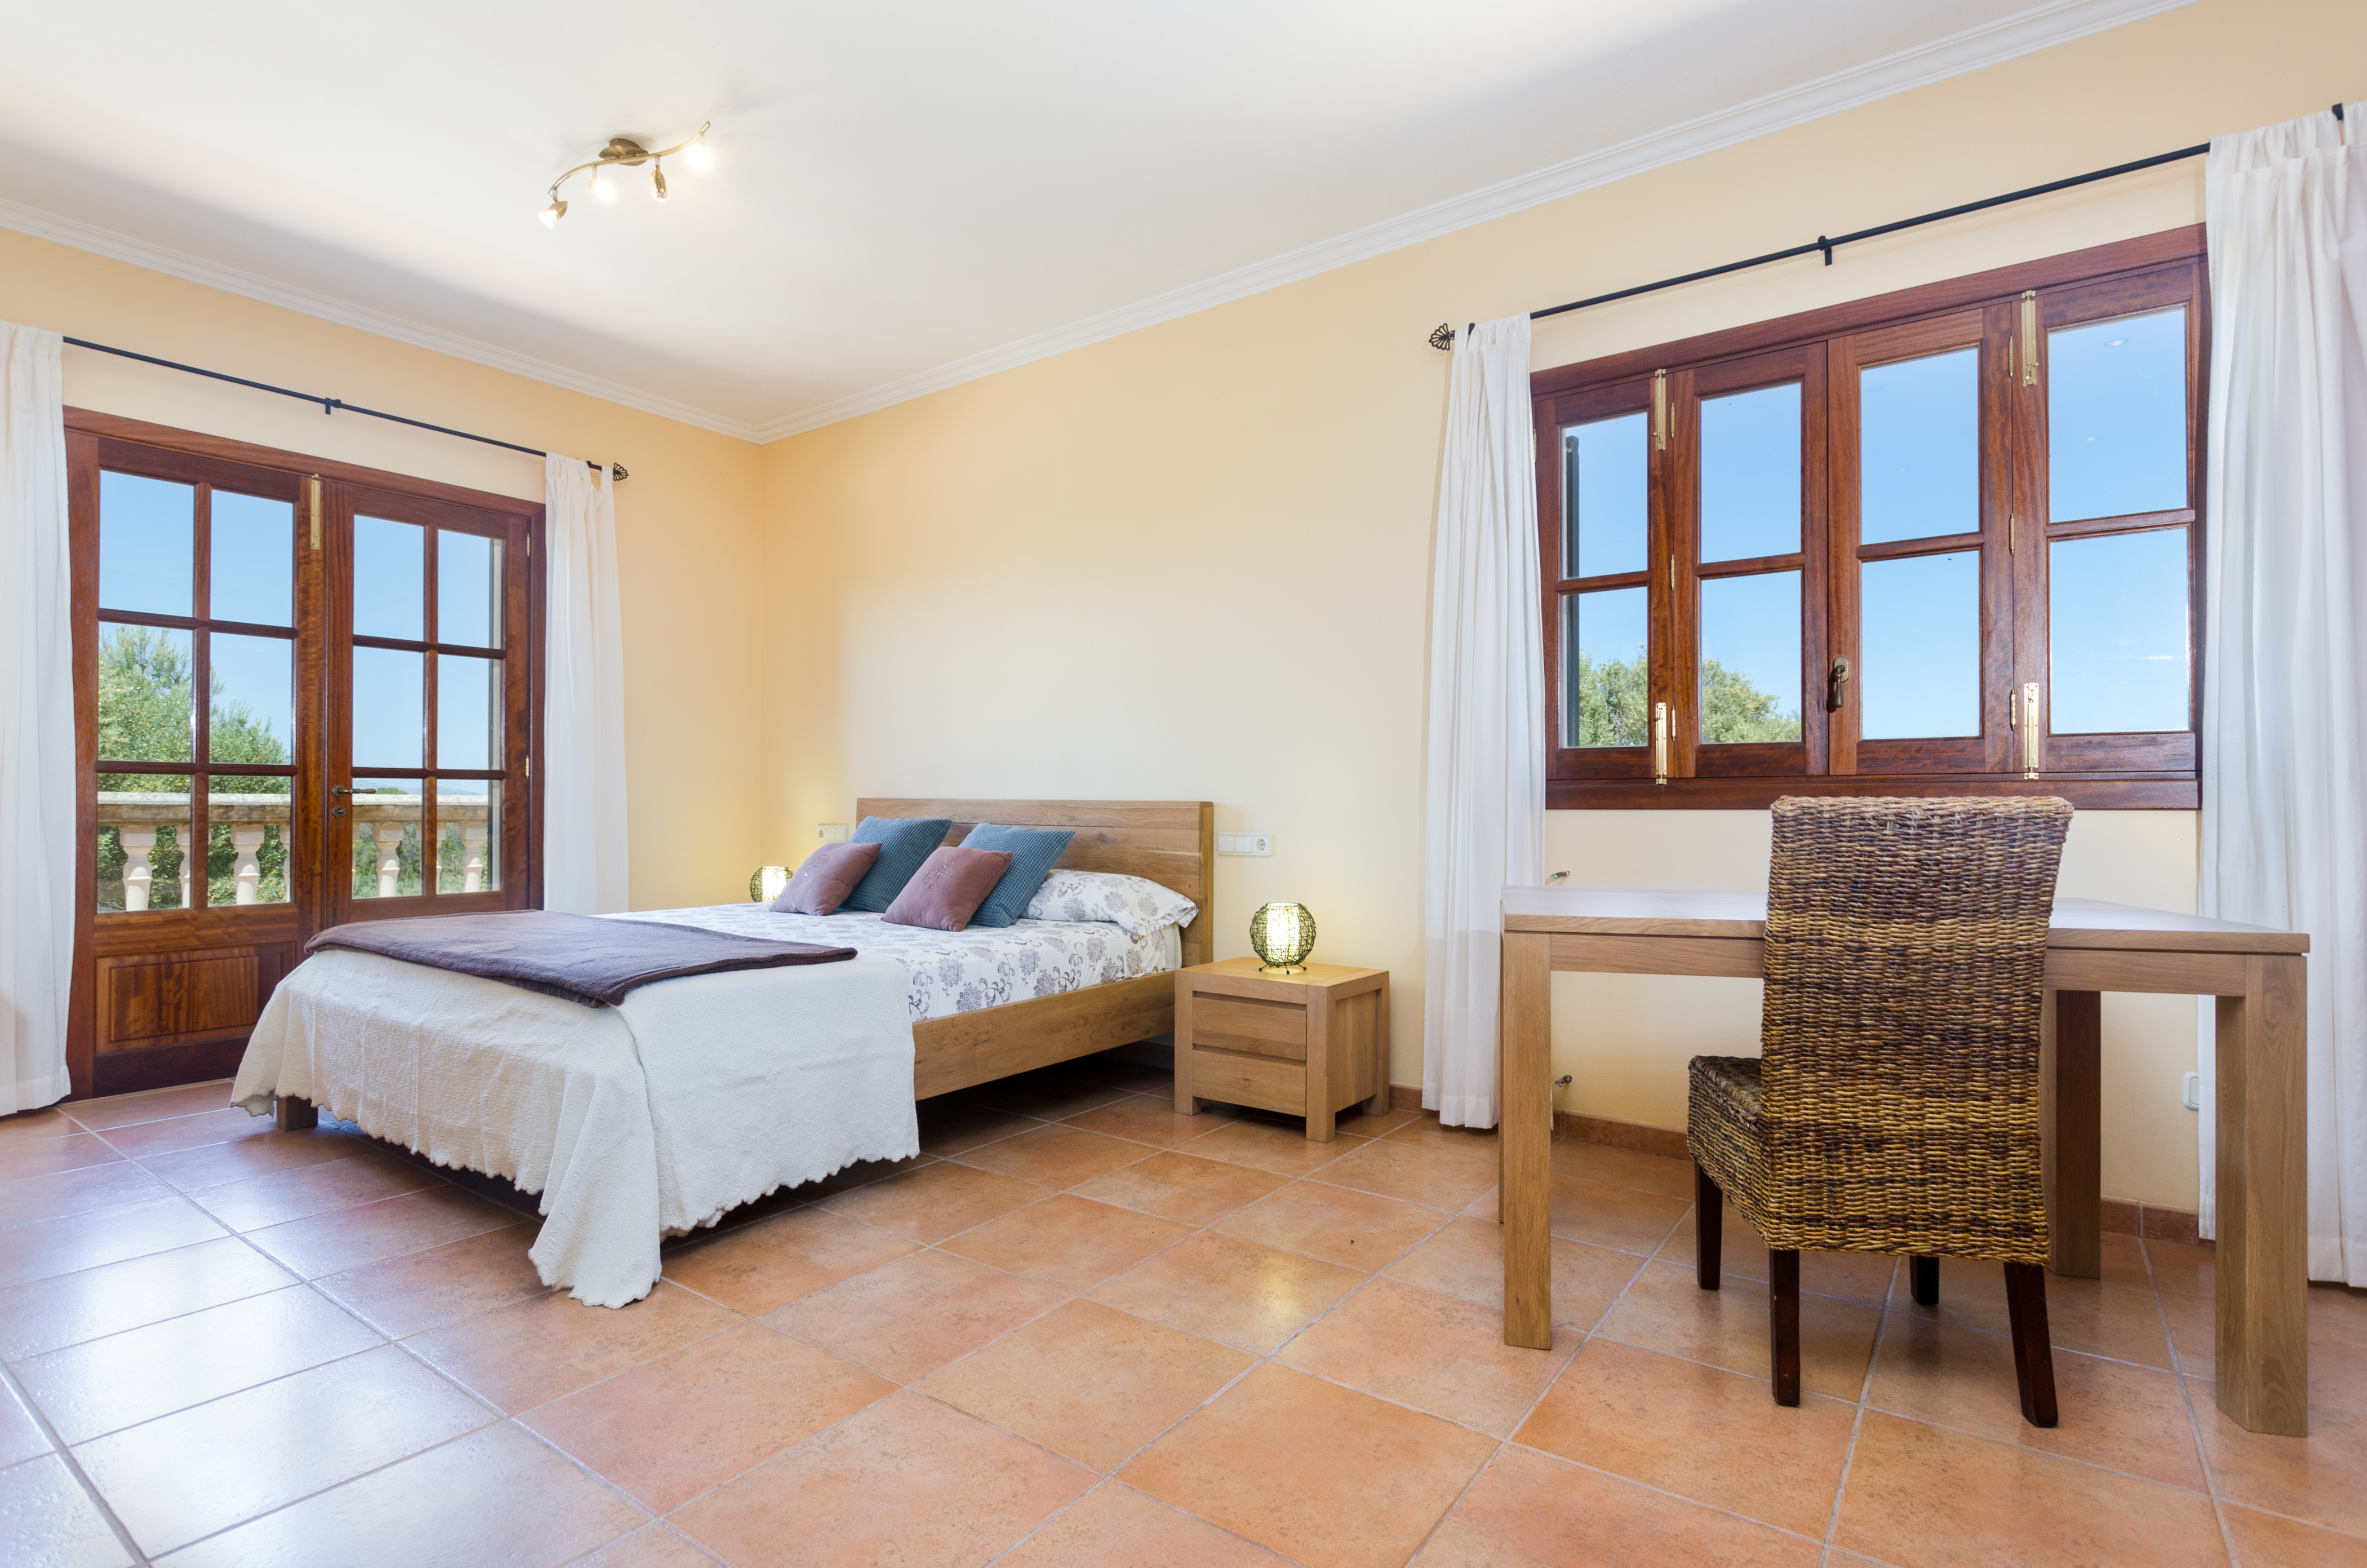 Maison de vacances ES VEDAT (2632993), Lloret de Vistalegre, Majorque, Iles Baléares, Espagne, image 28